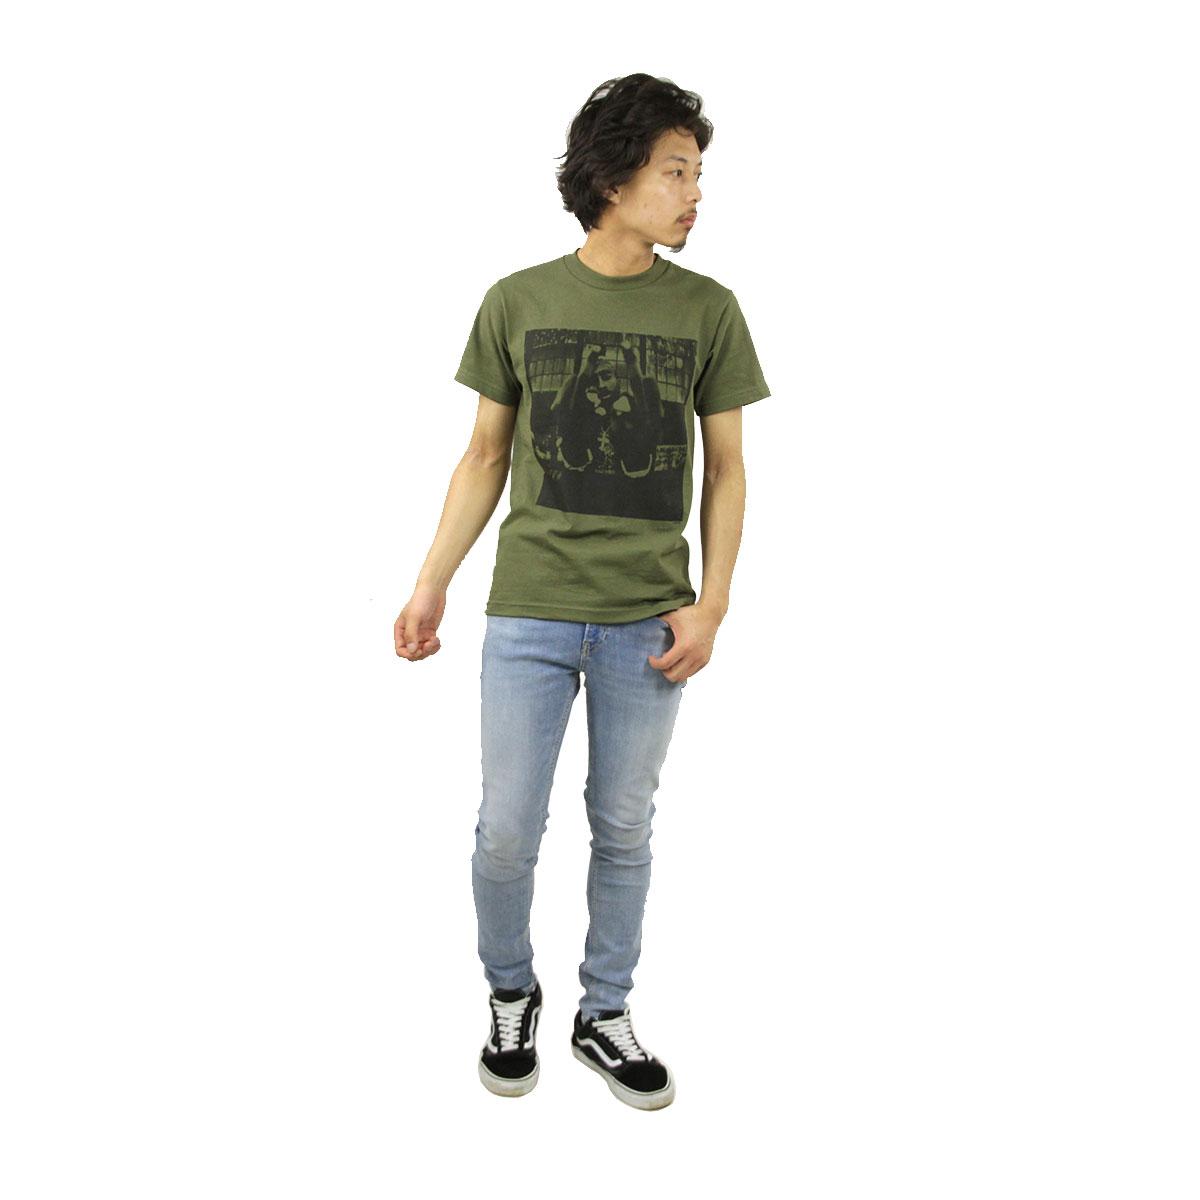 ミュージックティ バンドTシャツ メンズ 正規品 MUSIC TEE フォトT ロックTシャツ 半袖Tシャツ トゥーパック 2パック 2PAC BOLD ARMY MUSIC TEE AB5B B1C C1D D1E E08F